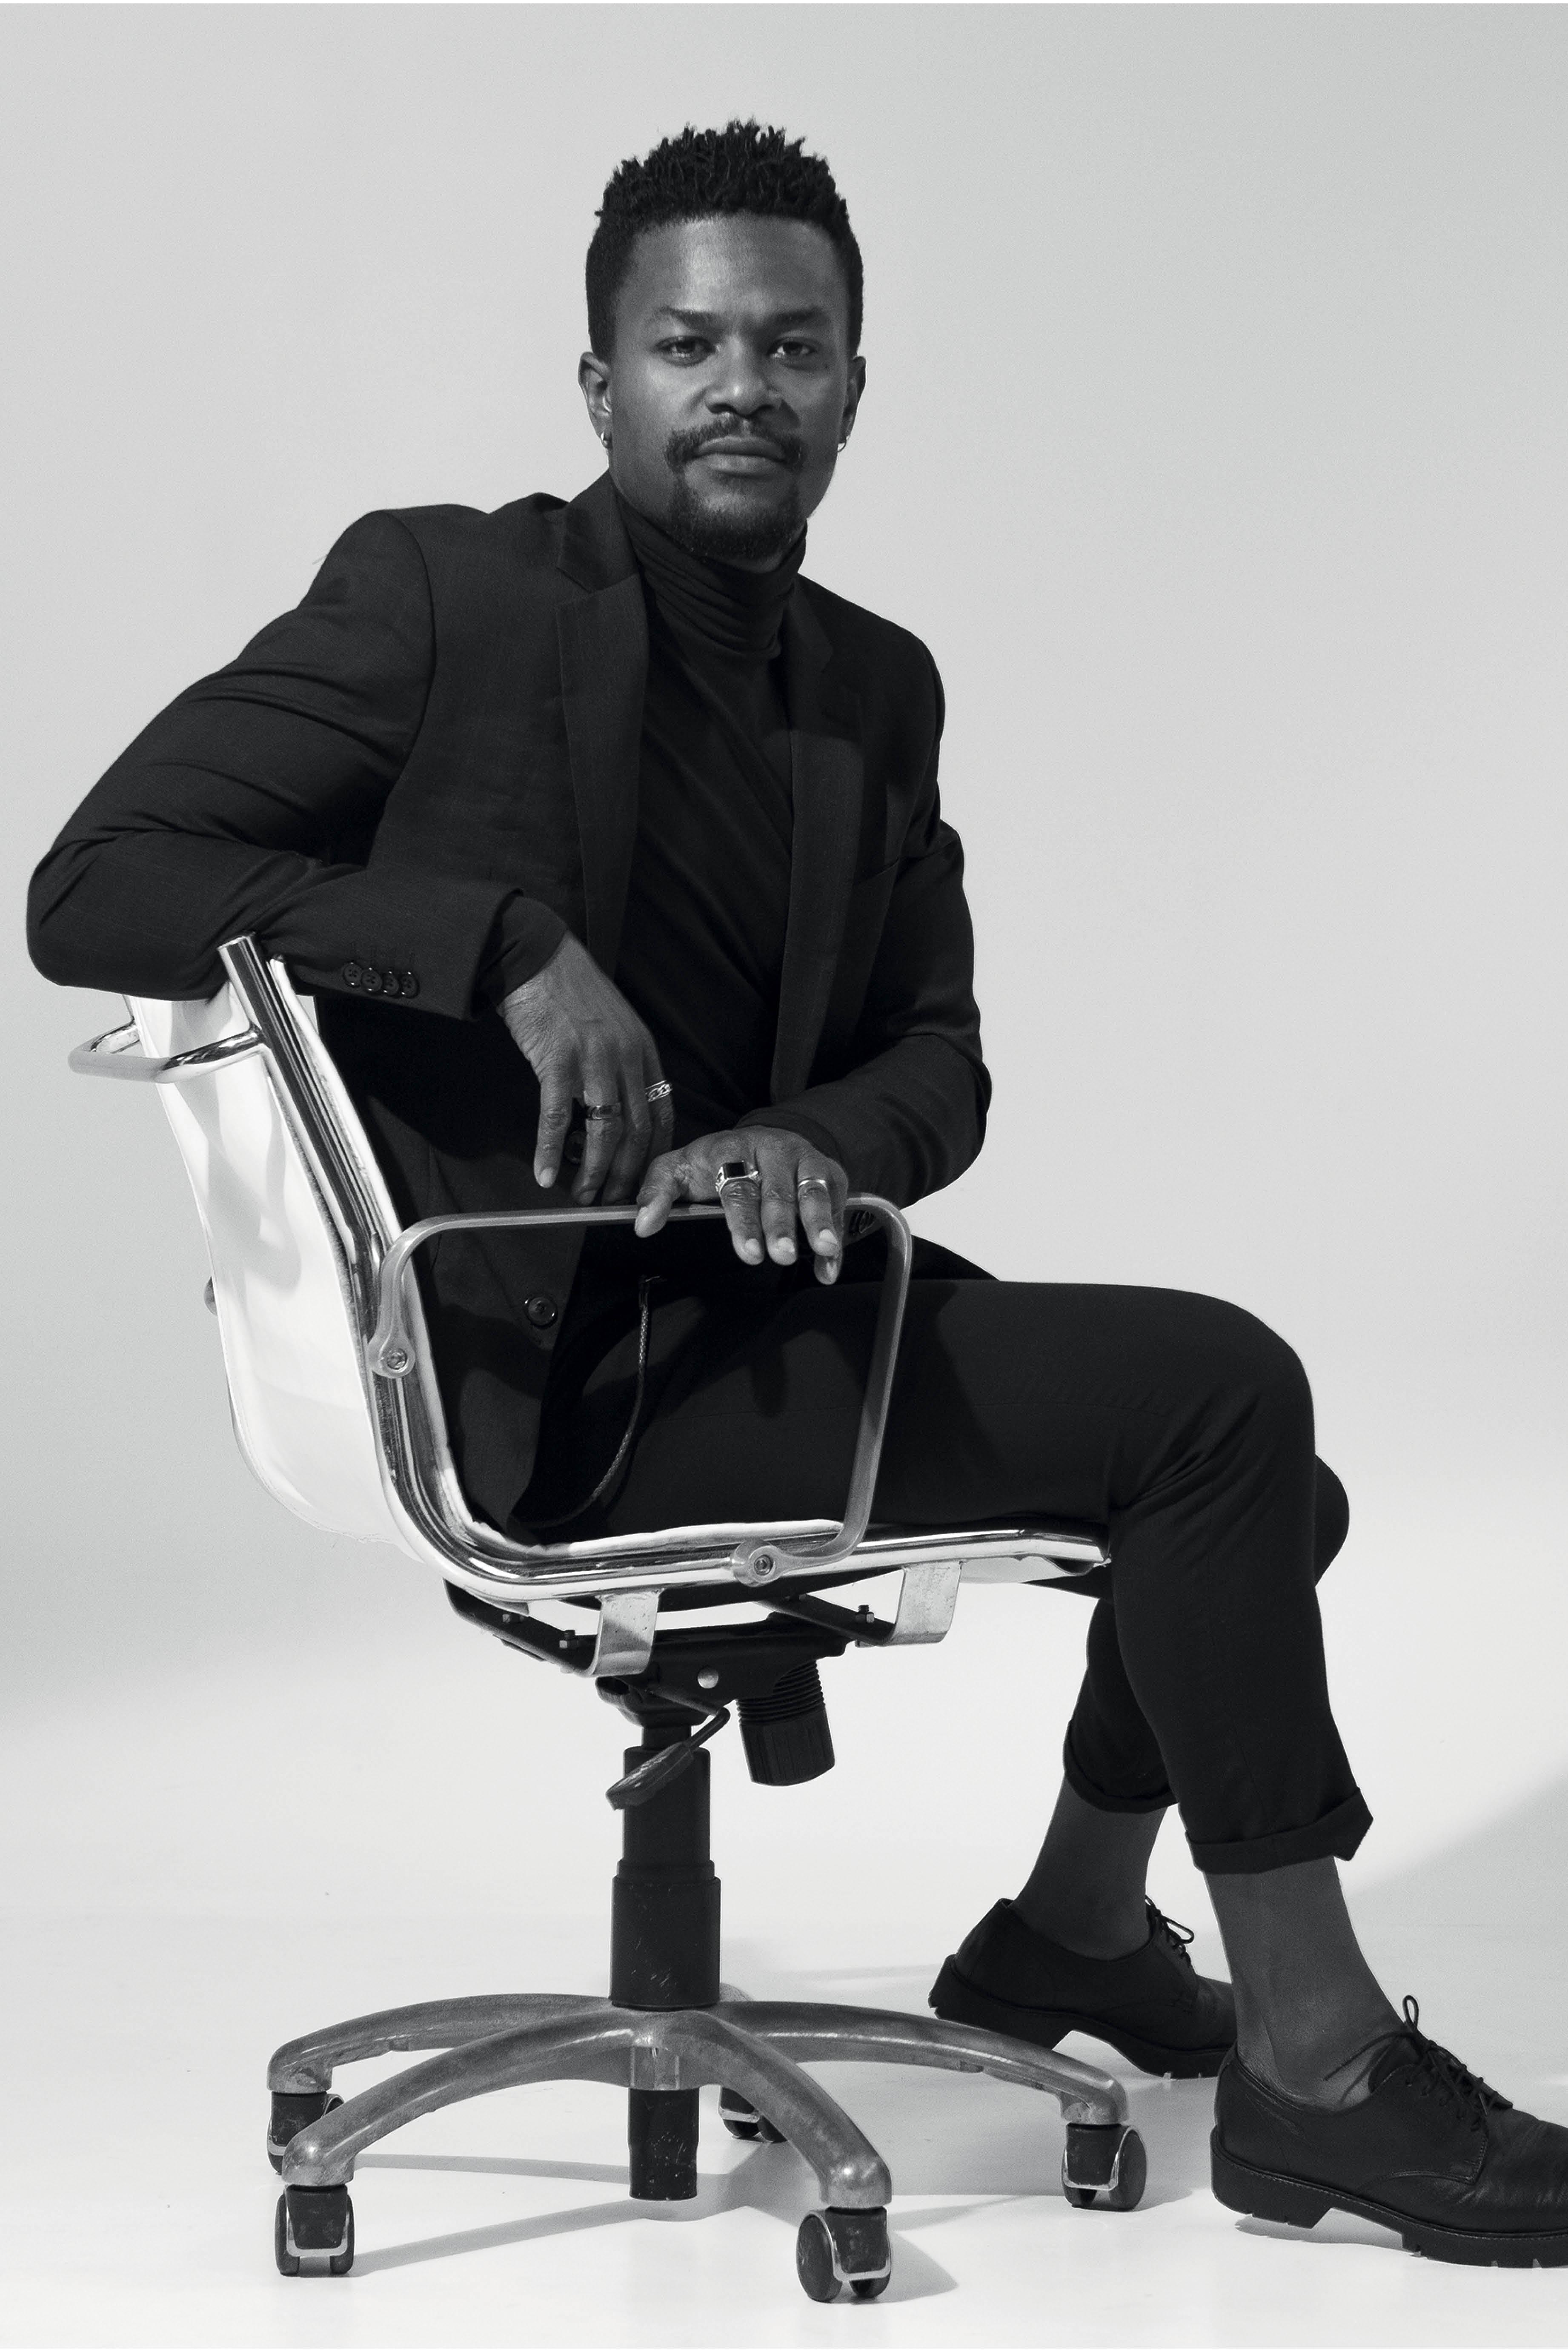 David é um homem negro de cabelo raspado. Ele está vestindo um terno e sentado numa cadeira